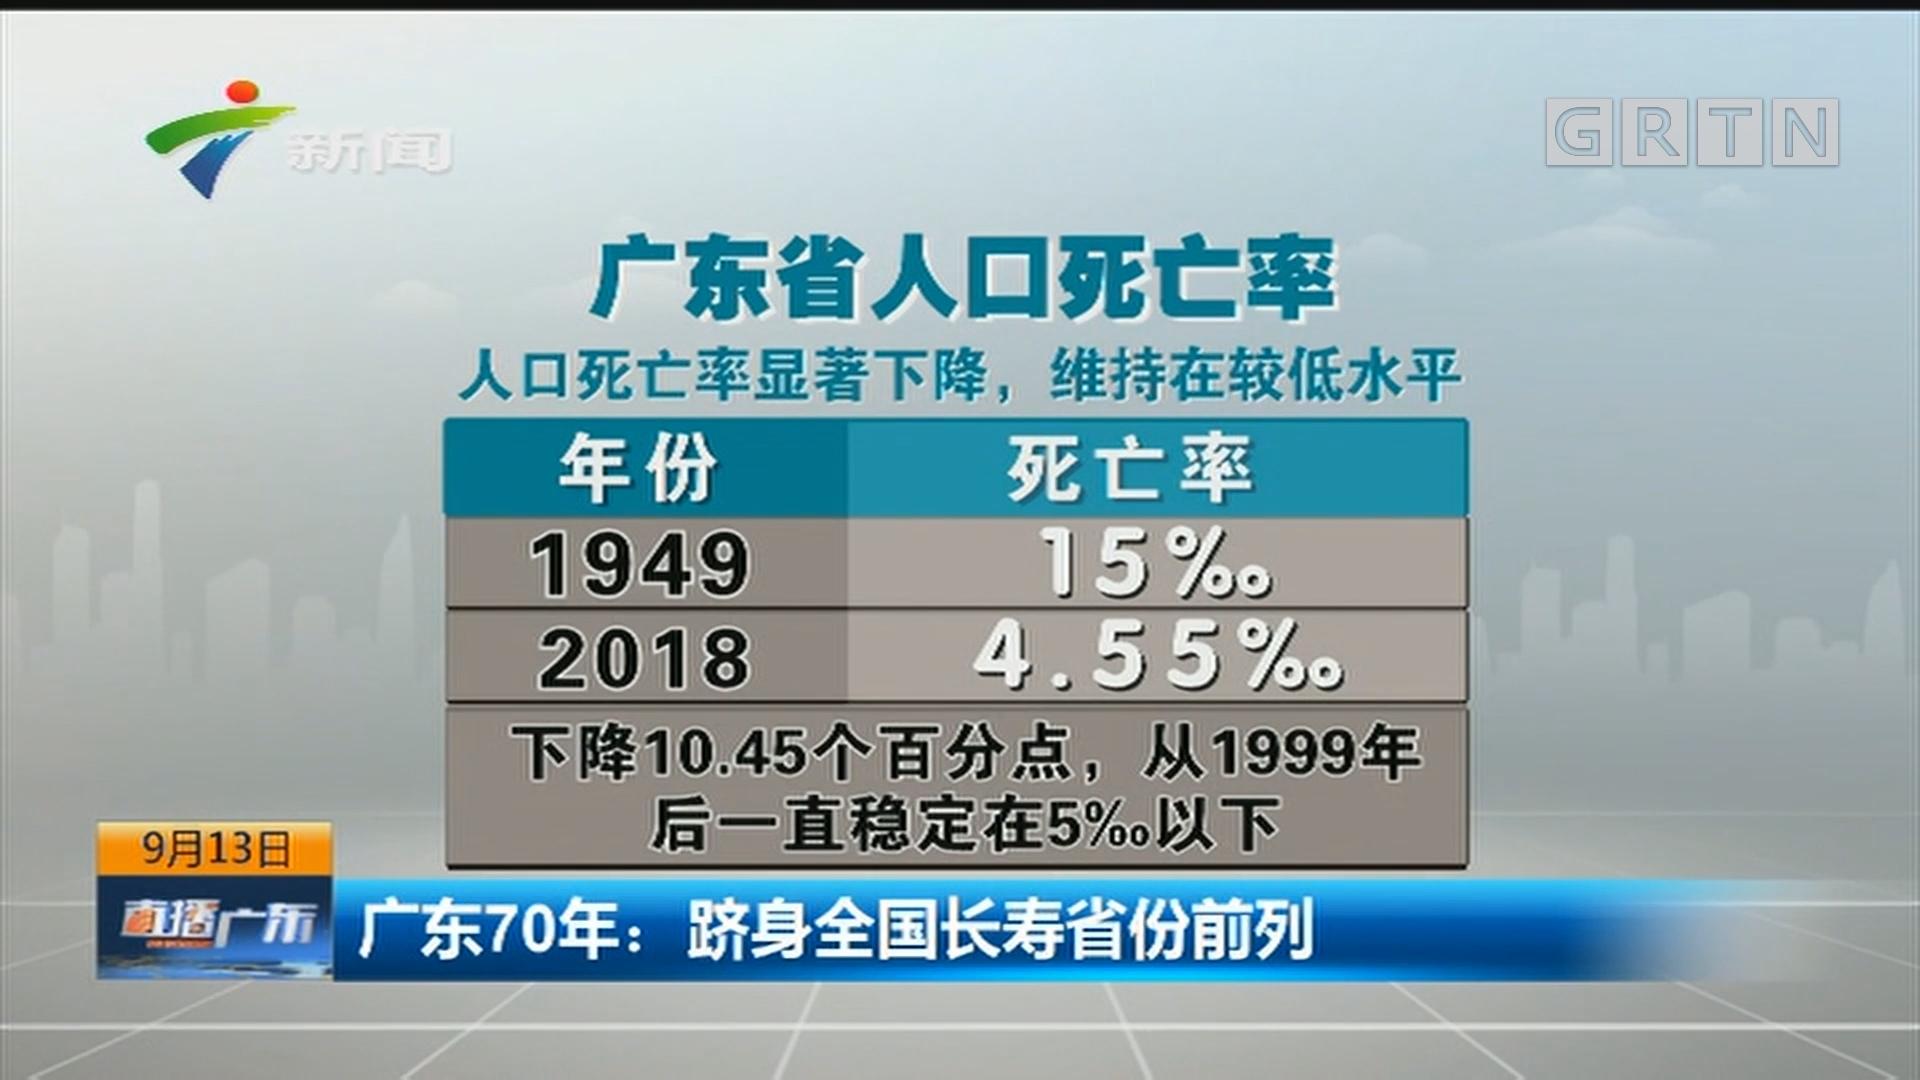 广东70年:跻身全国长寿省份前列